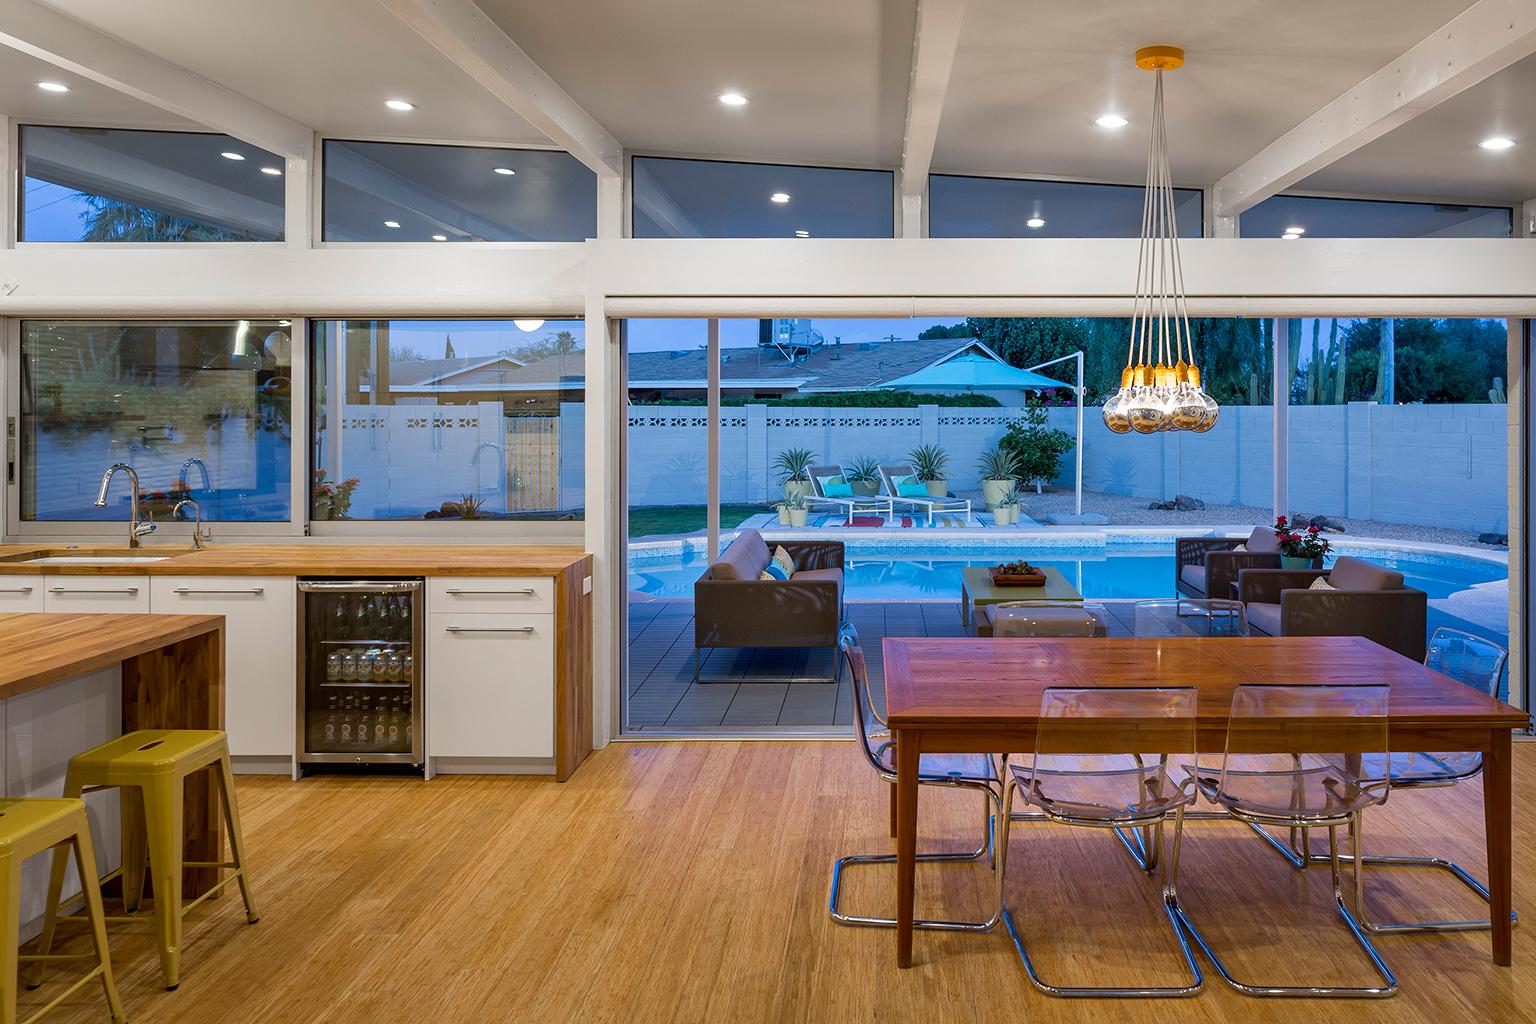 Schreiber home_kitchen and dining (1).jpg